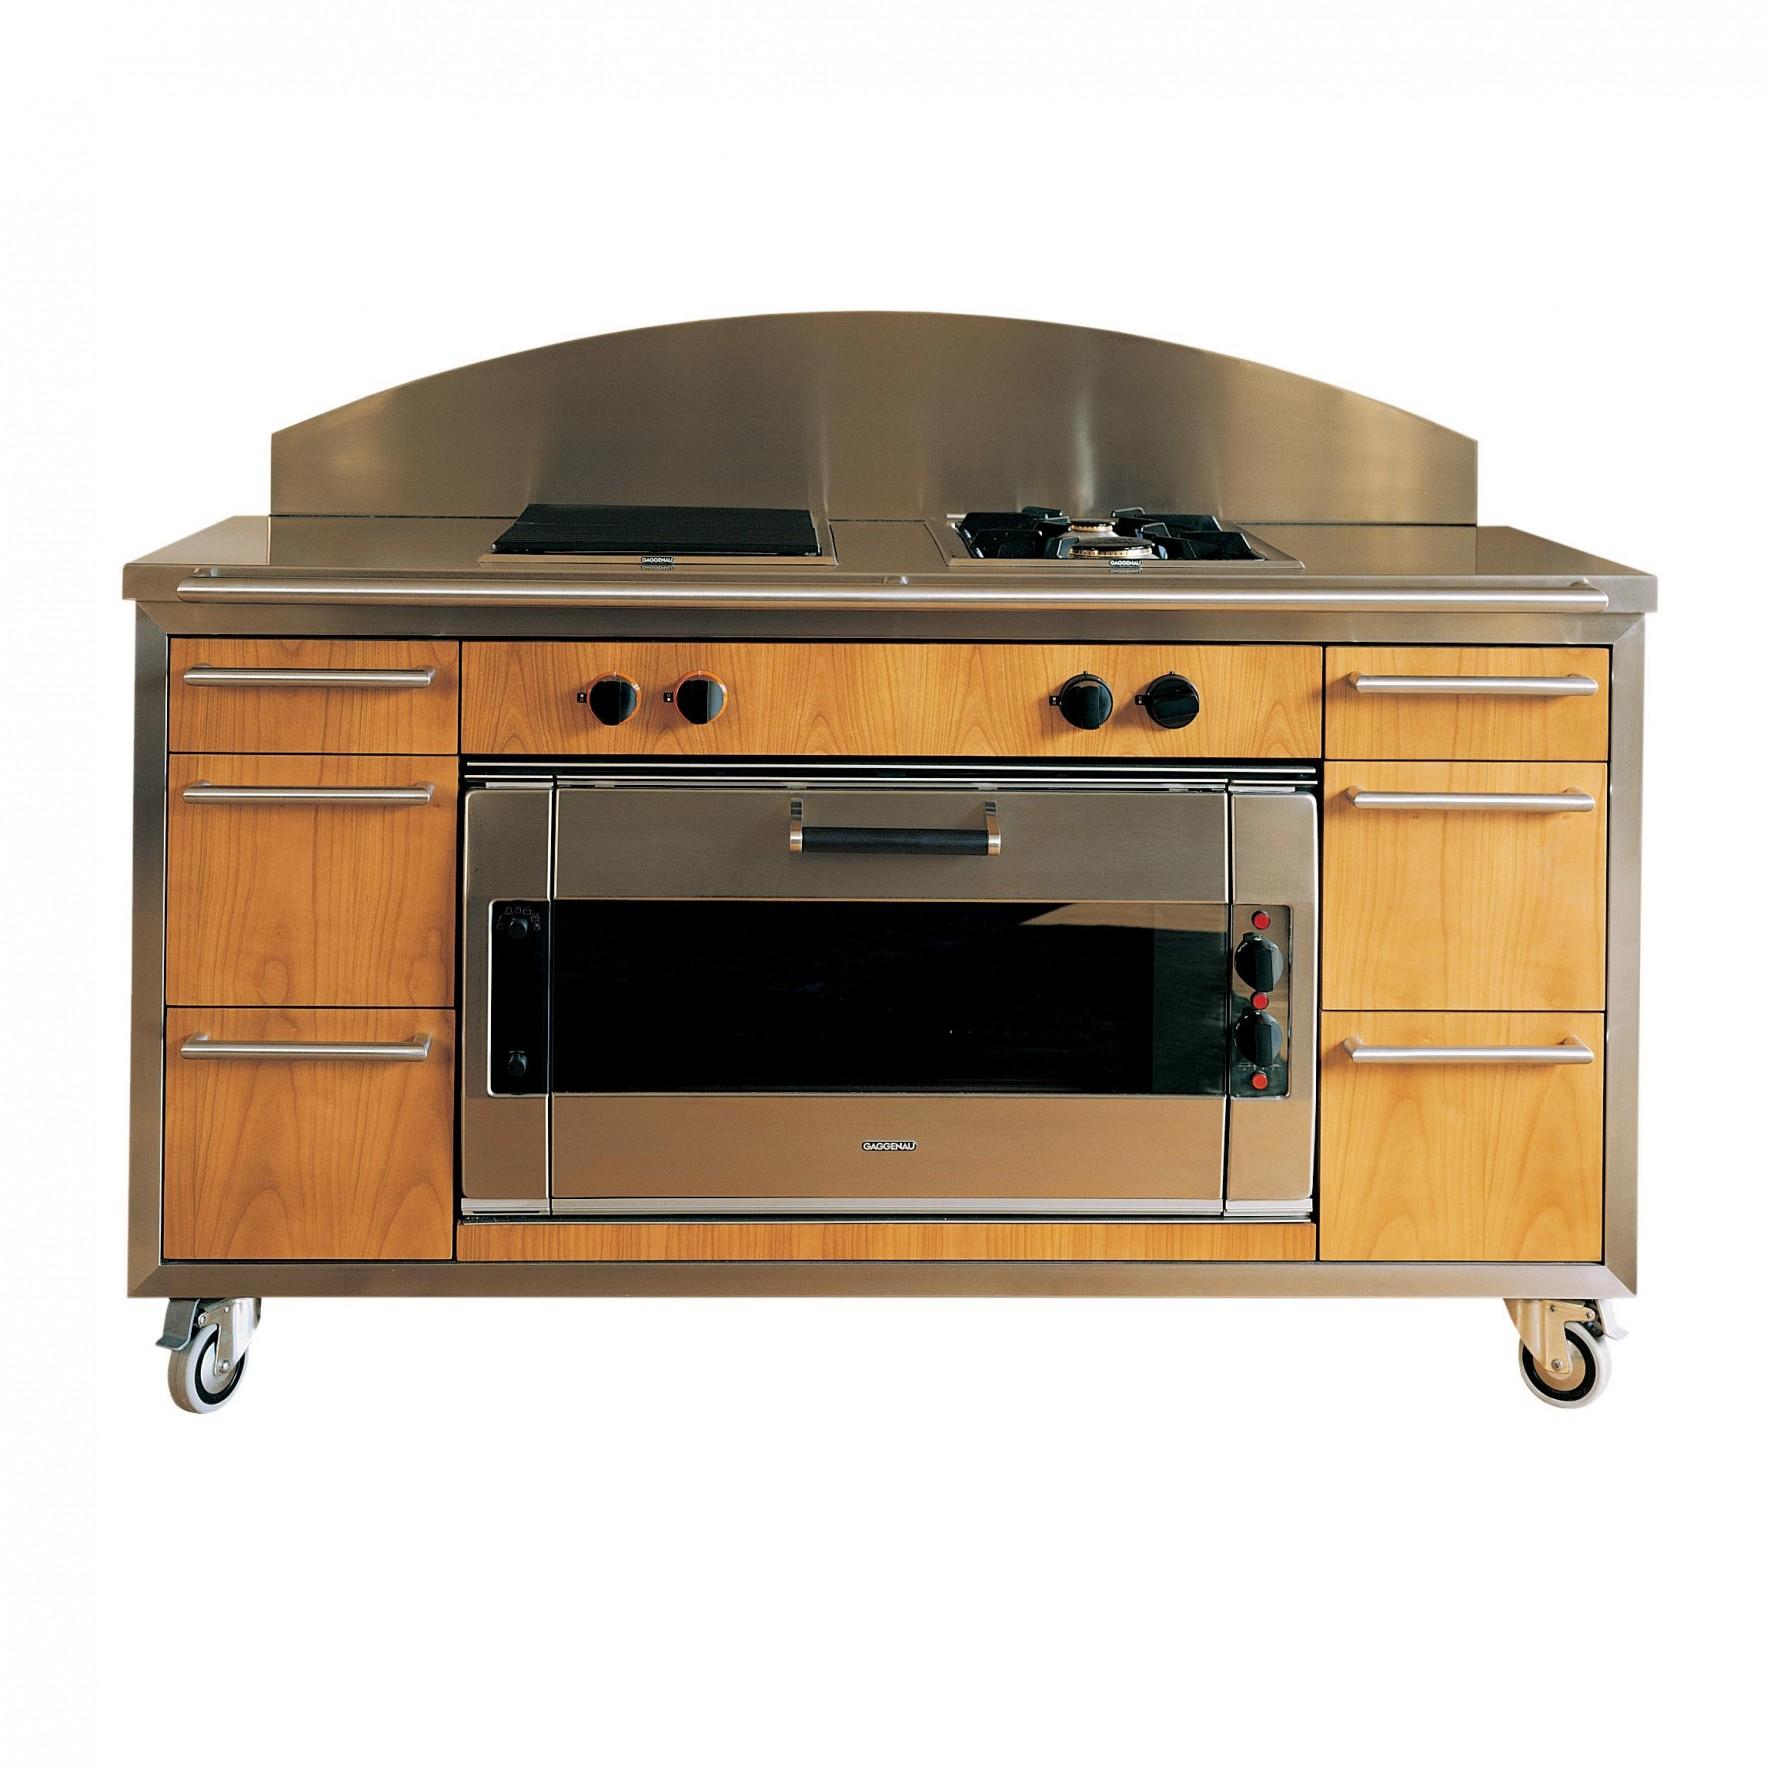 D co cuisine atelier de saint paul 21 38 79 toulouse ustensiles cuisine atelier des chefs - Stage de cuisine toulouse ...